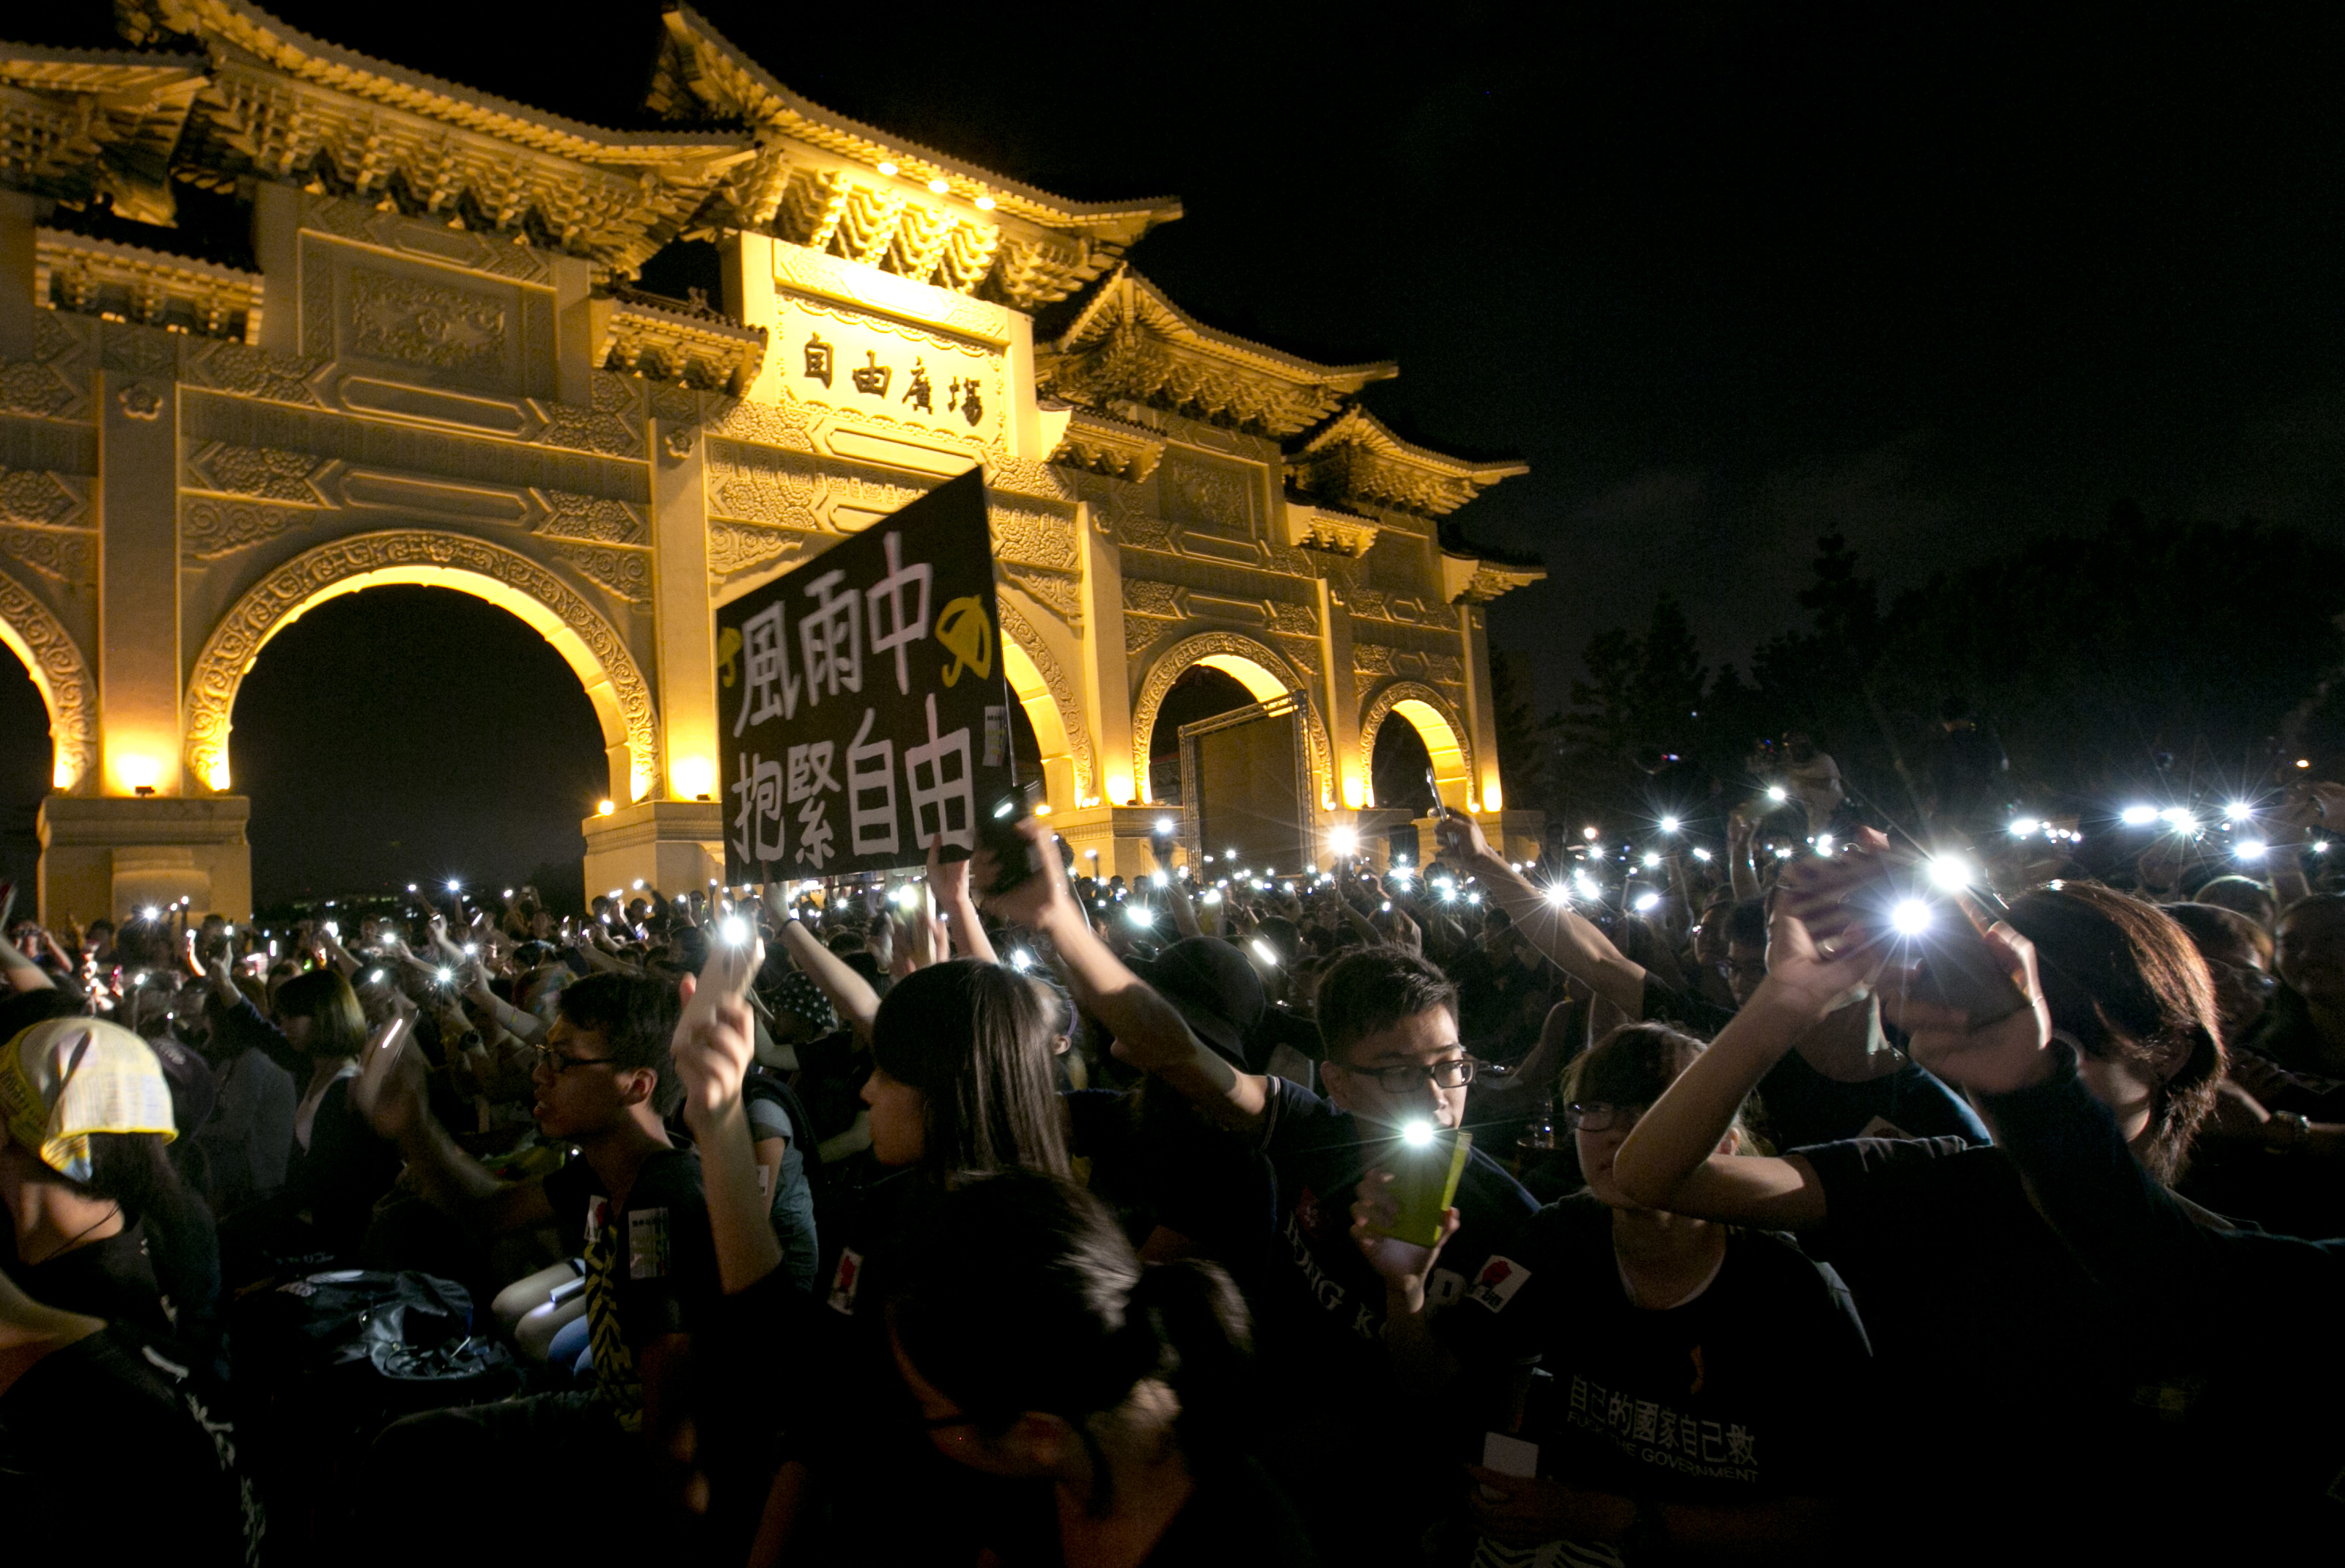 外交部長吳釗燮投書表示,因無數人的犧牲,台灣從未放棄追求自由與公民權利。(Ashley Pon/Getty Images)